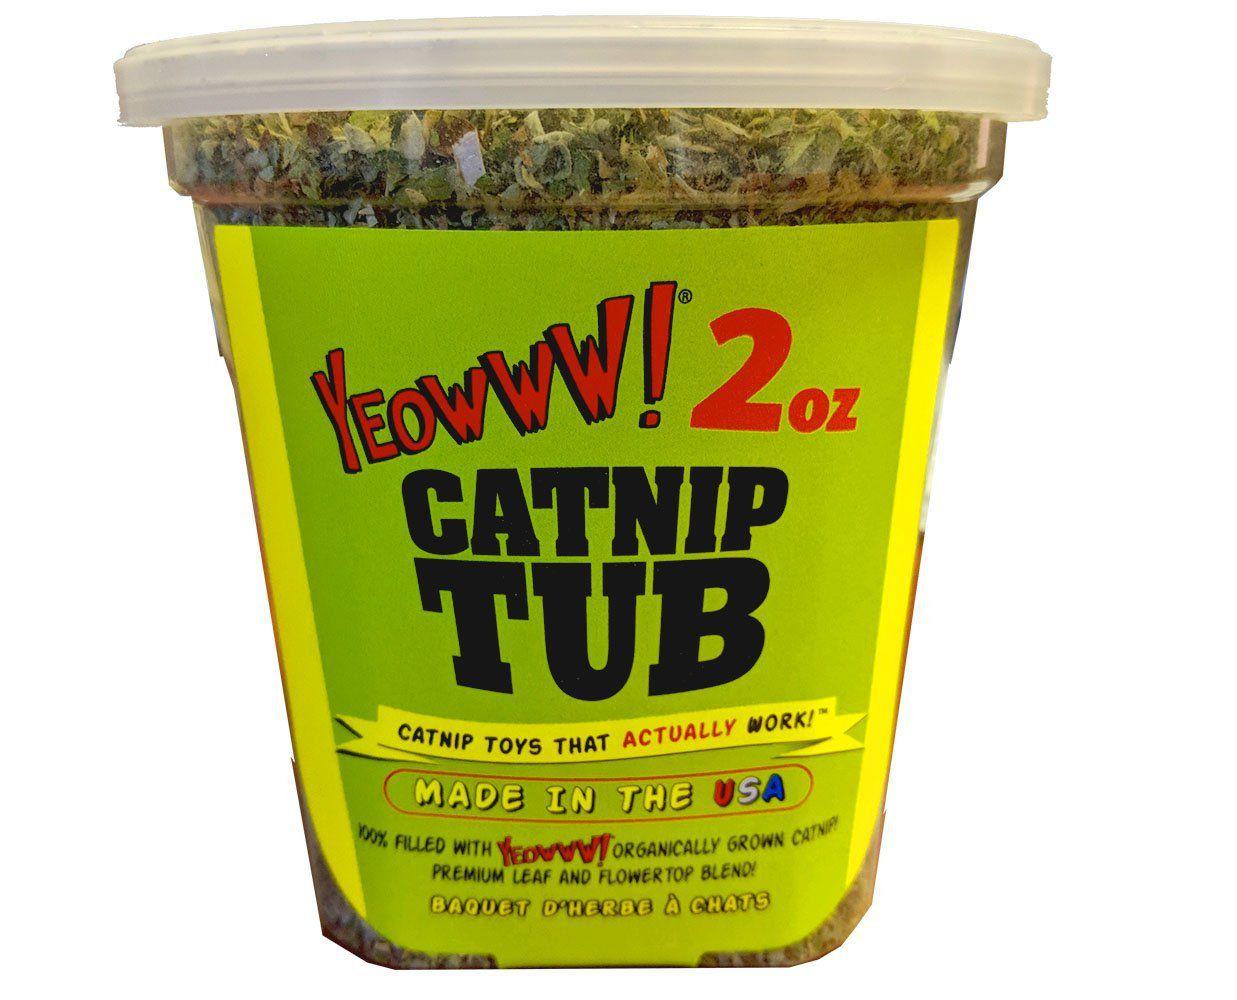 Dry catnip